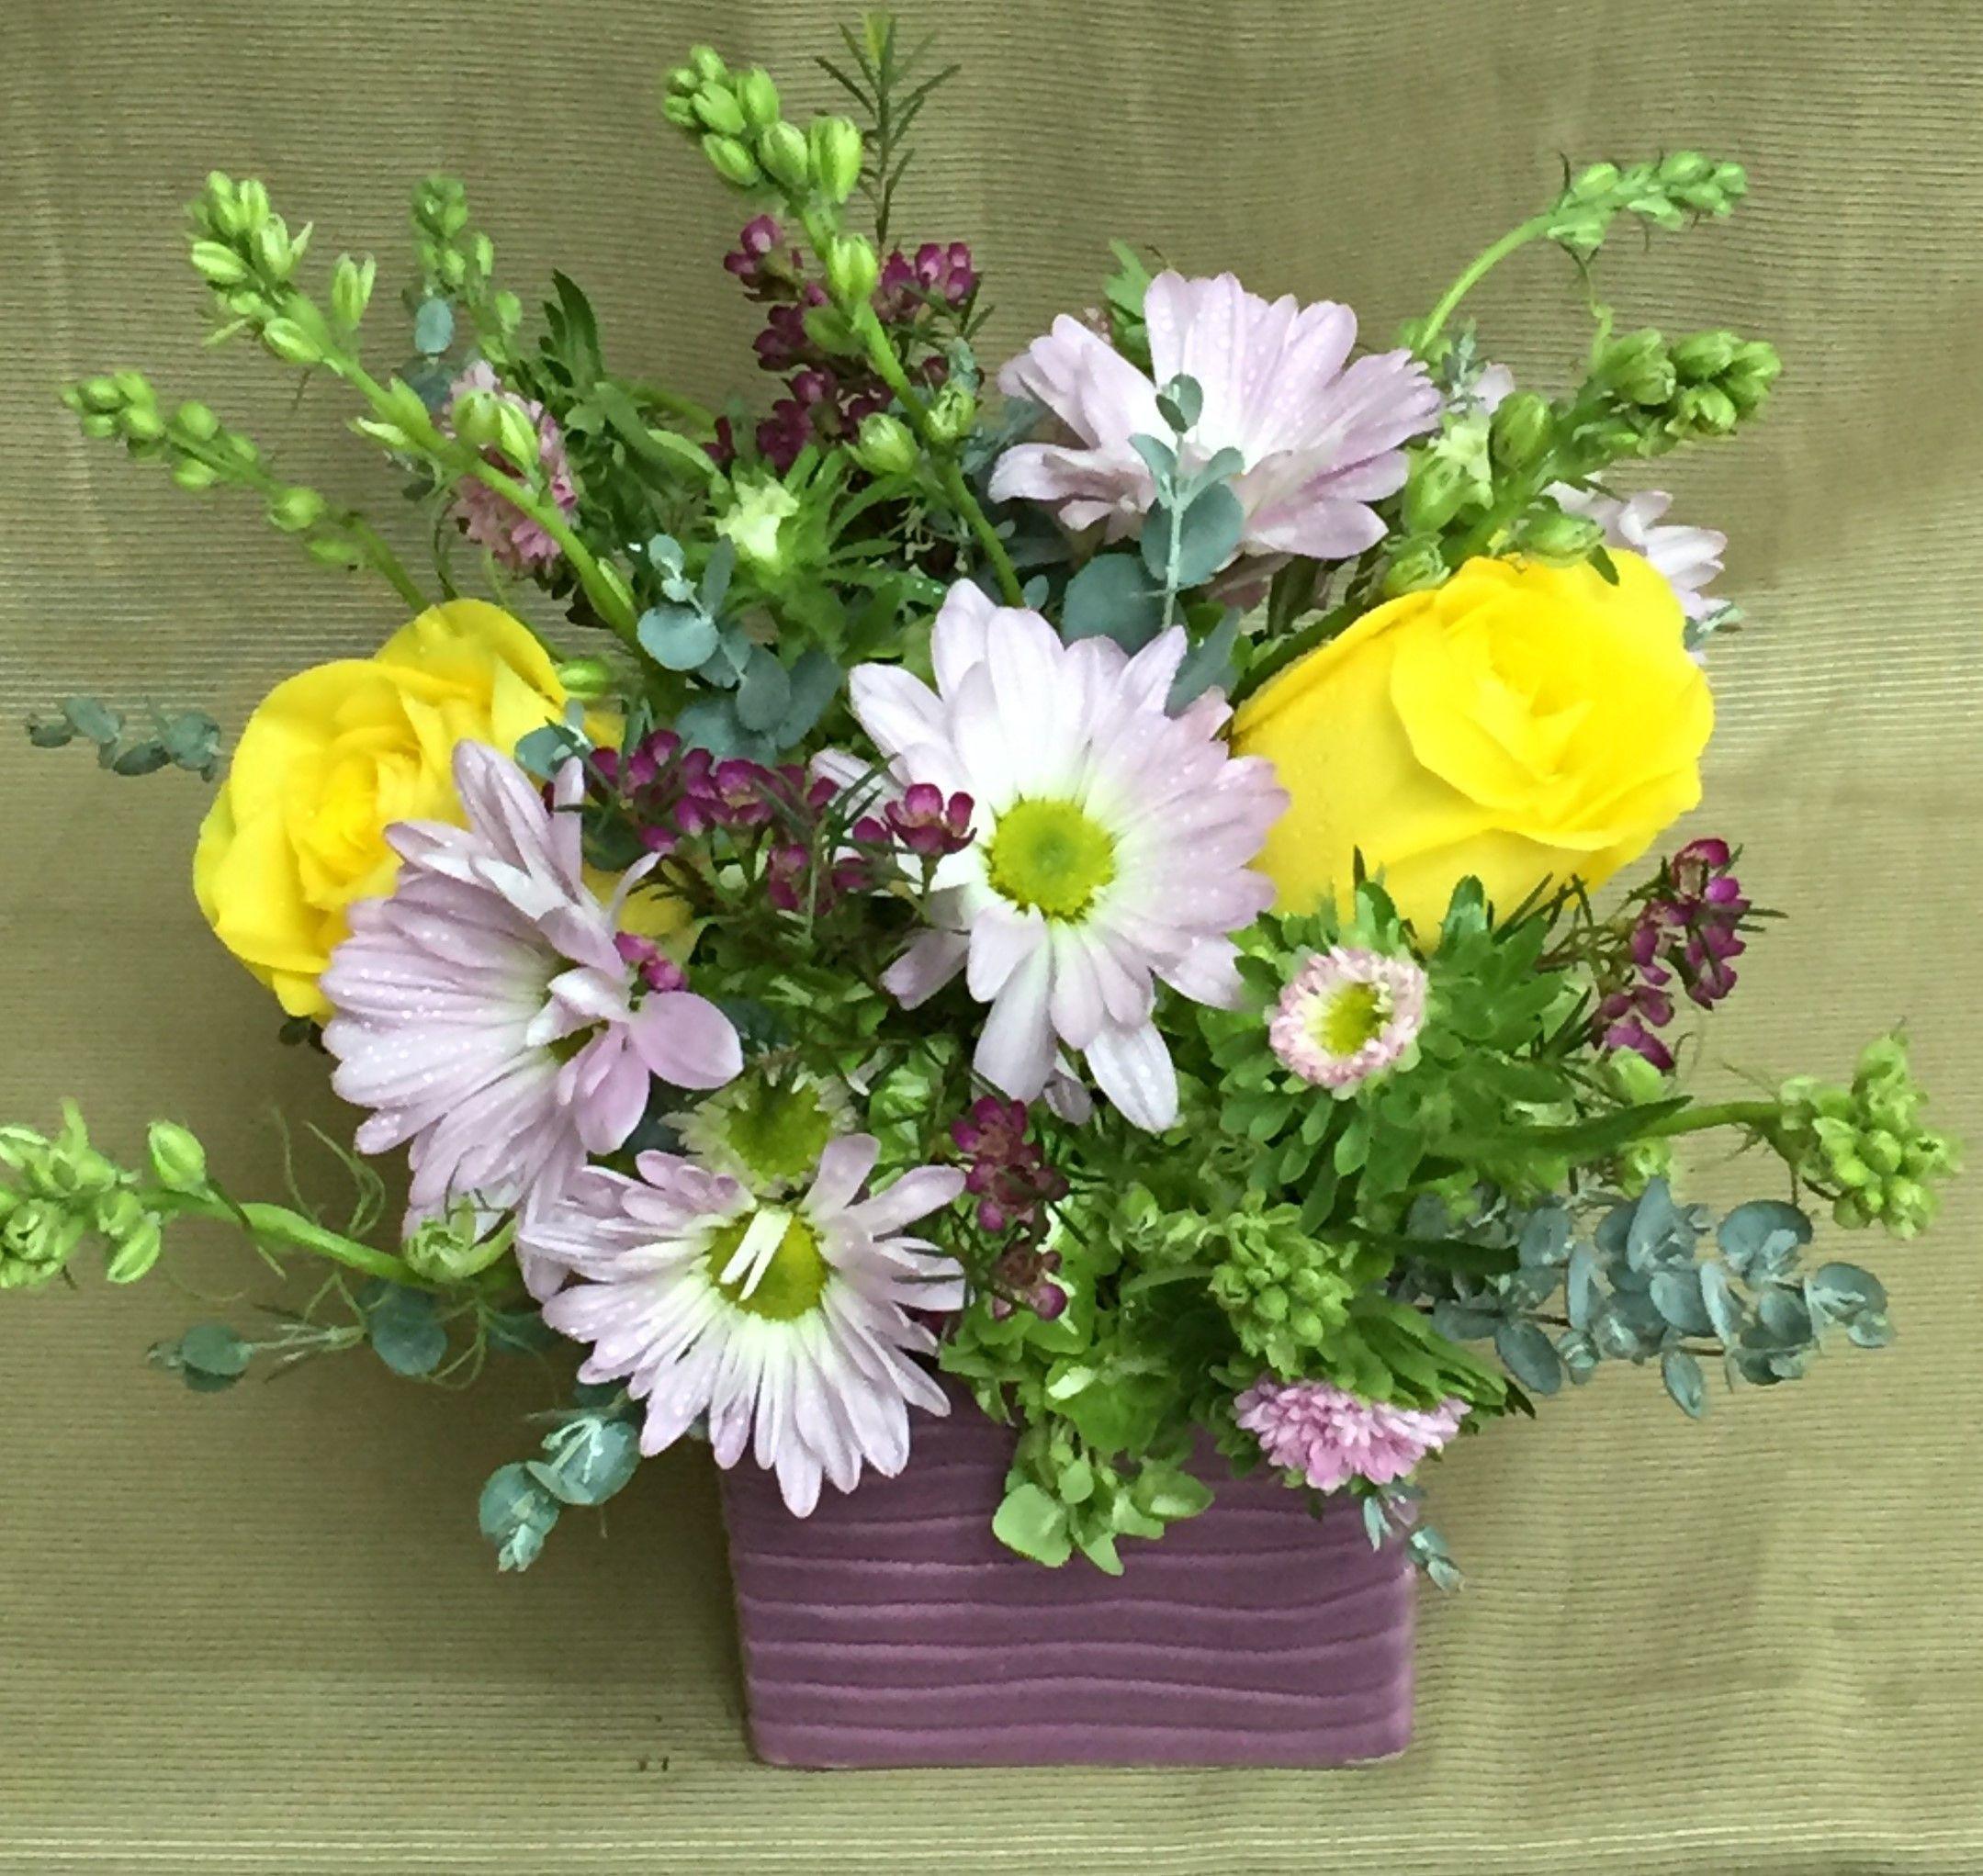 Daisy Smile yellow standard roses purple chrysanthemum daisies purple waxflower pink Matsumoto